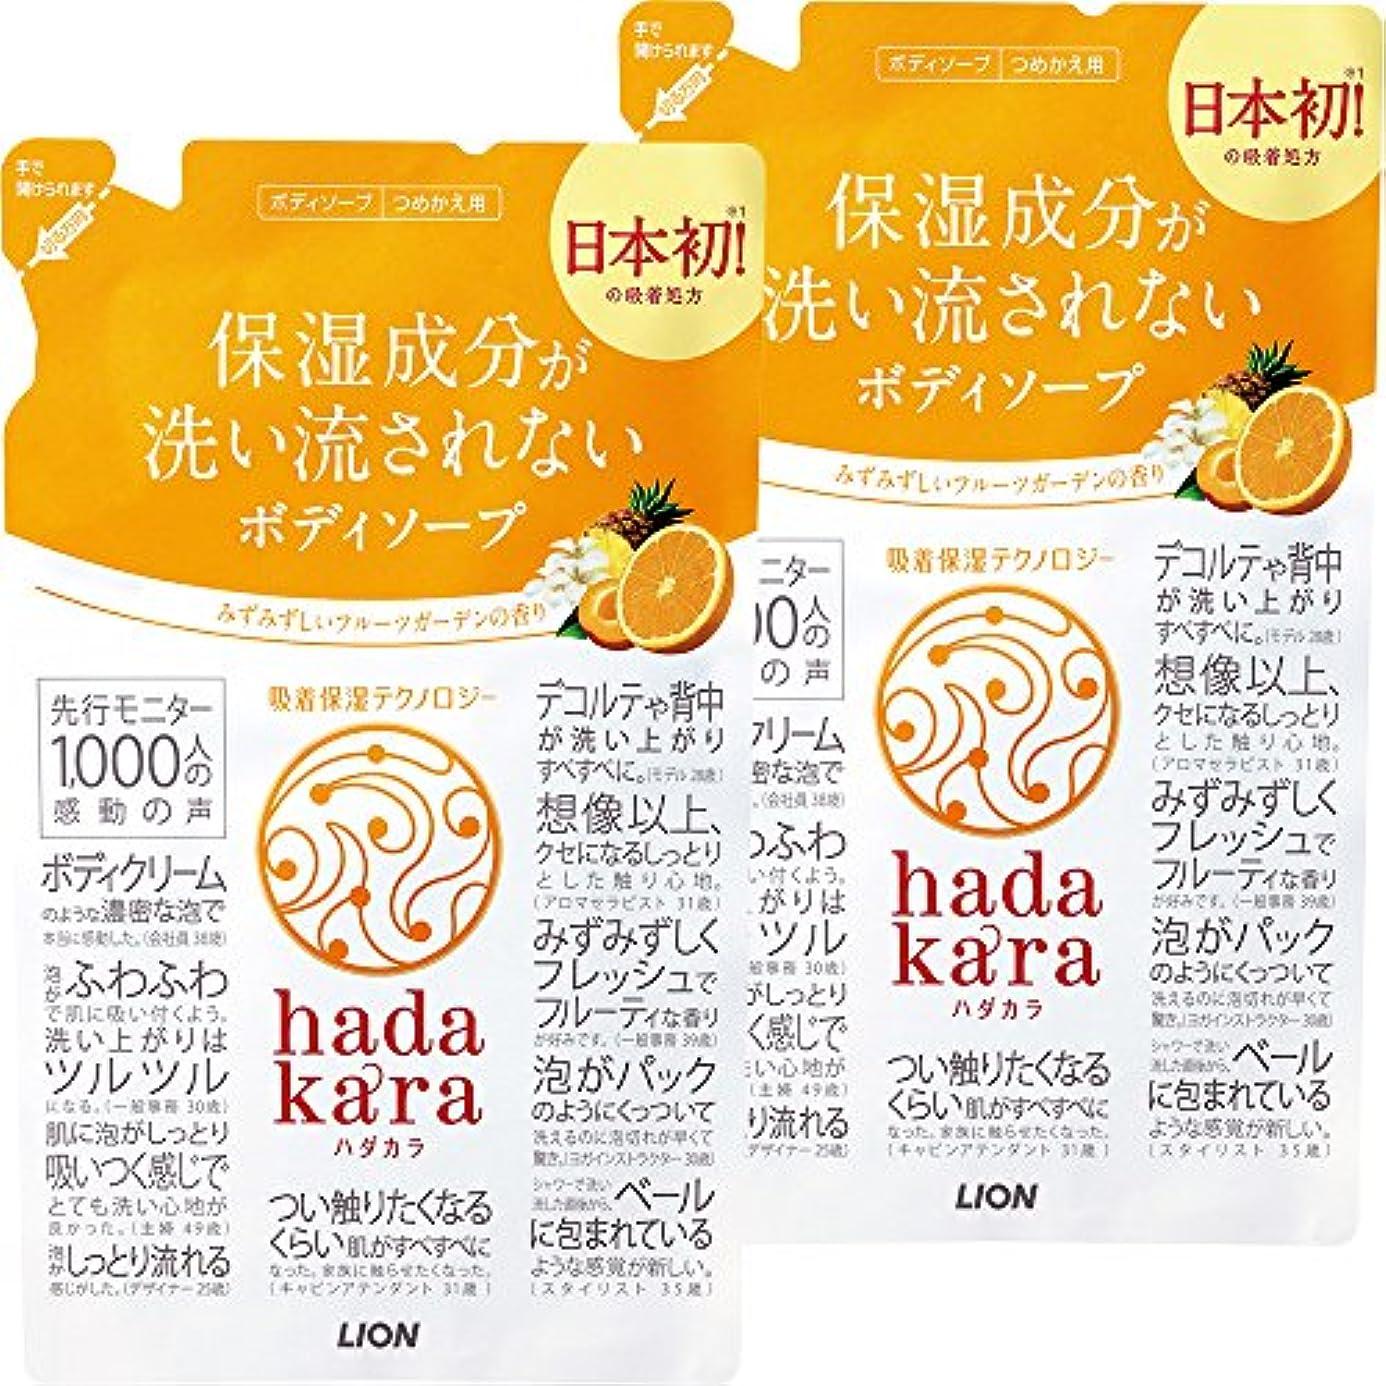 打ち上げるふける心配する【まとめ買い】hadakara(ハダカラ) ボディソープ フルーツガーデンの香り 詰め替え 360ml×2個パック